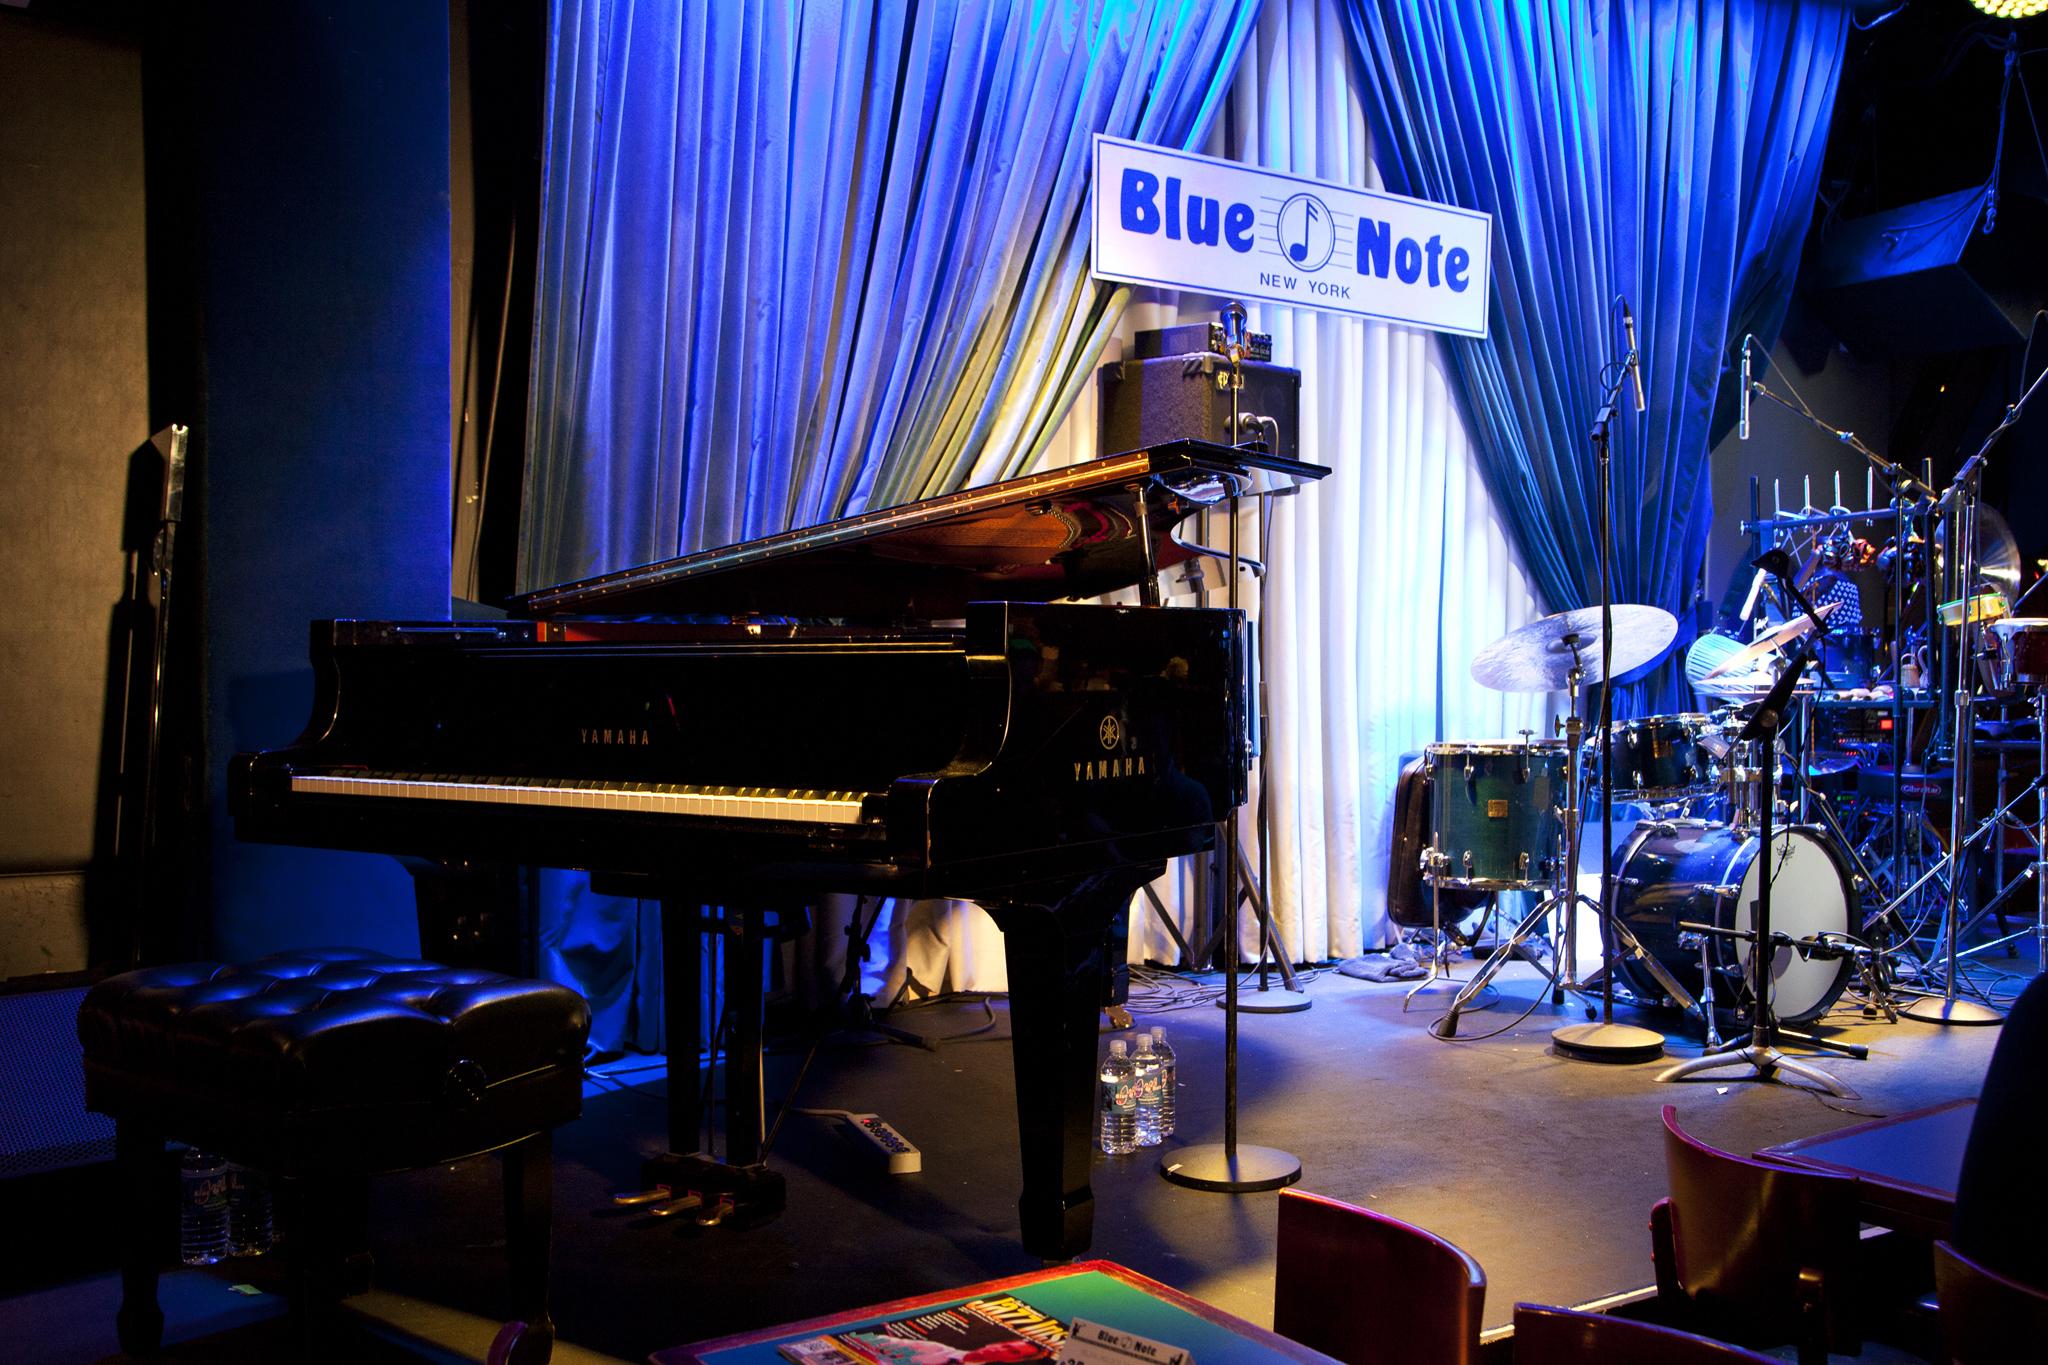 The Blue Room Kansas City History